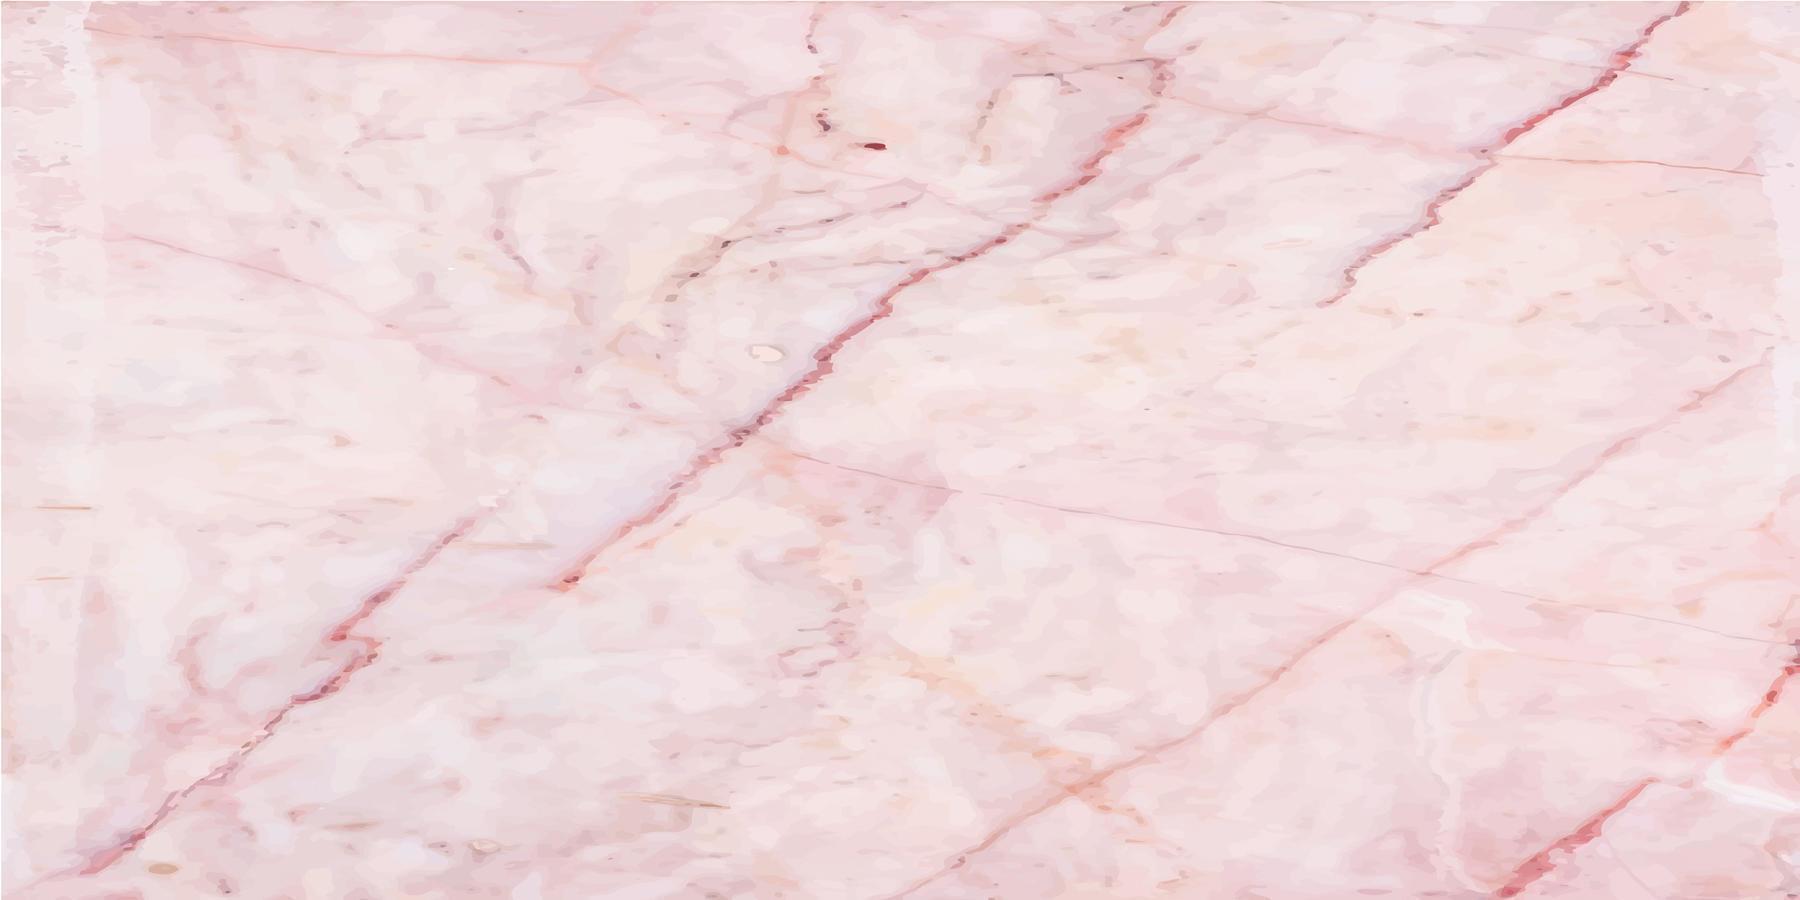 pietra naturale texture di sfondo di marmo vettore